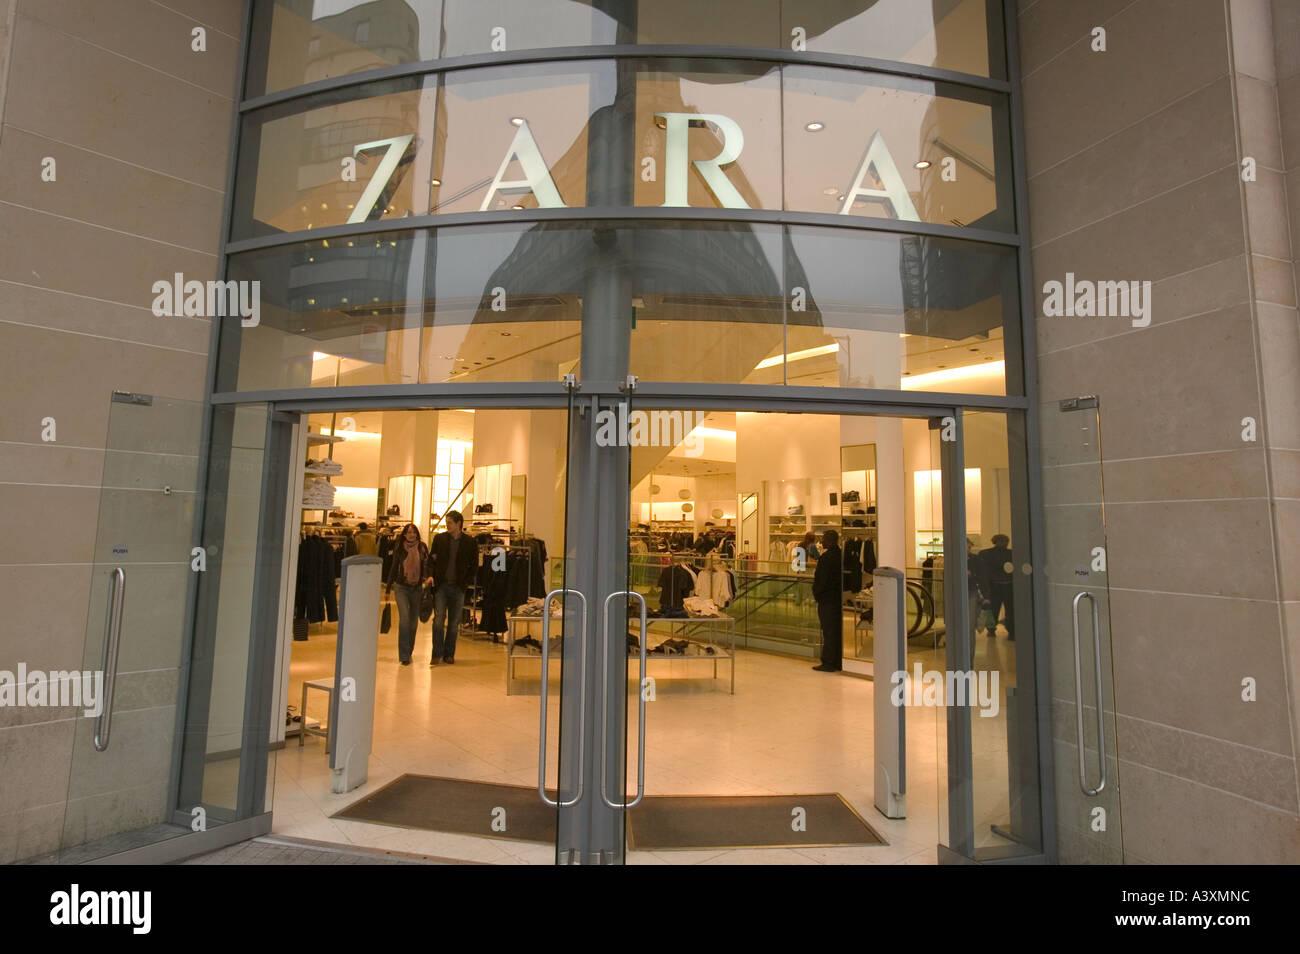 Zara Logo Stock Photos & Zara Logo Stock Images